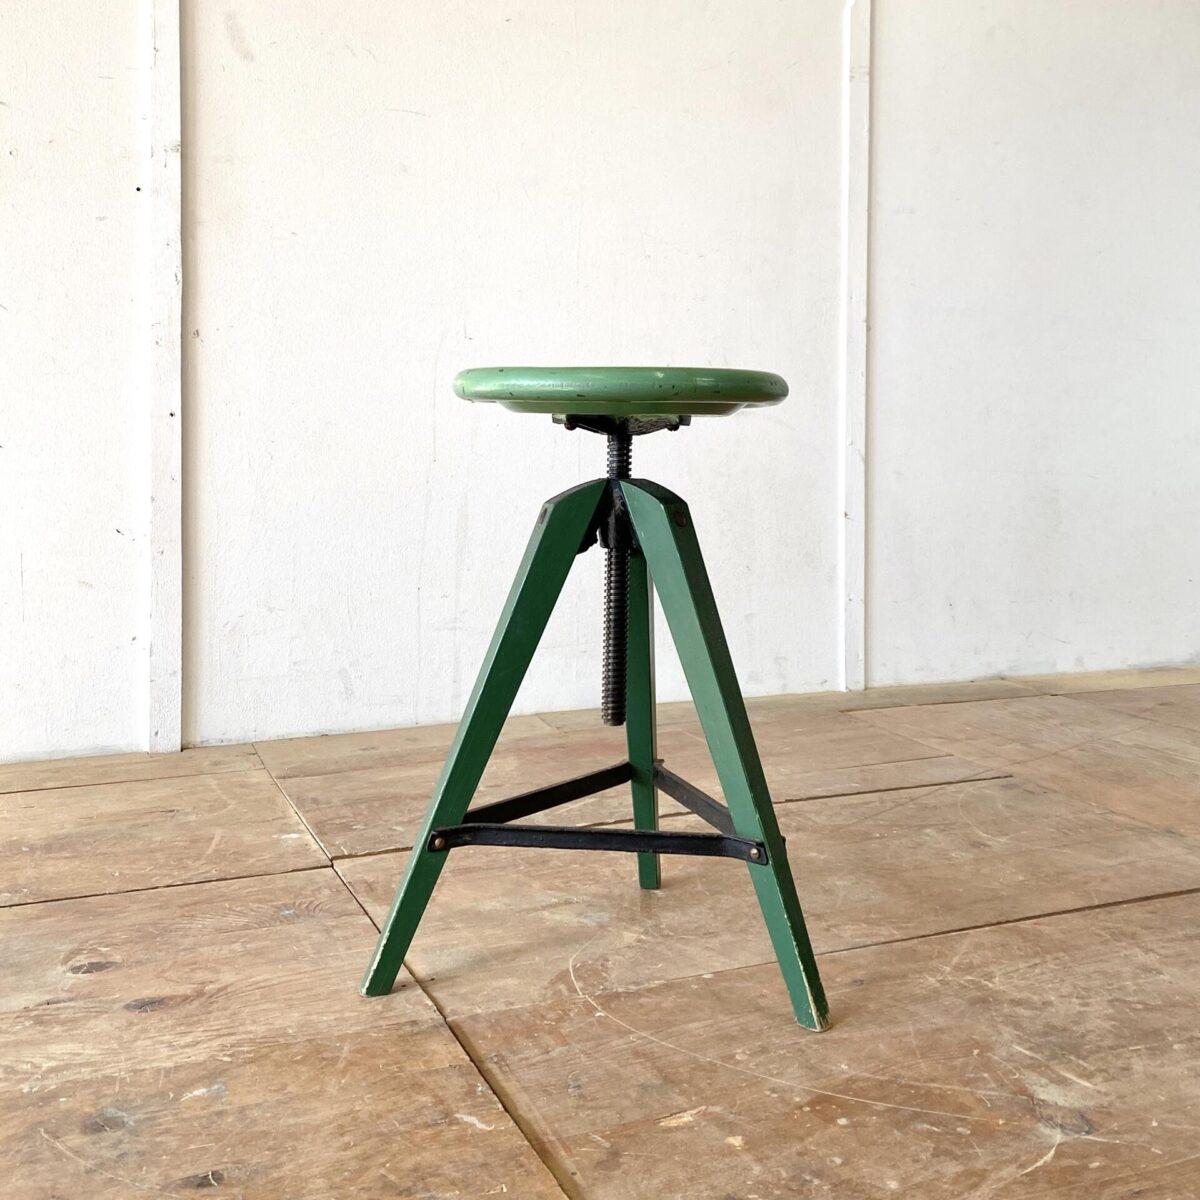 Deuxieme.shop industrial Dreibeinhocker Werkstatt Stuhl. Dreibein Industrie Hocker. Durchmesser 32cm höhenverstellbar von 52-73cm. Der Stuhl ist in stabilem Zustand, die drehbare Höhenverstellung läuft einwandfrei.